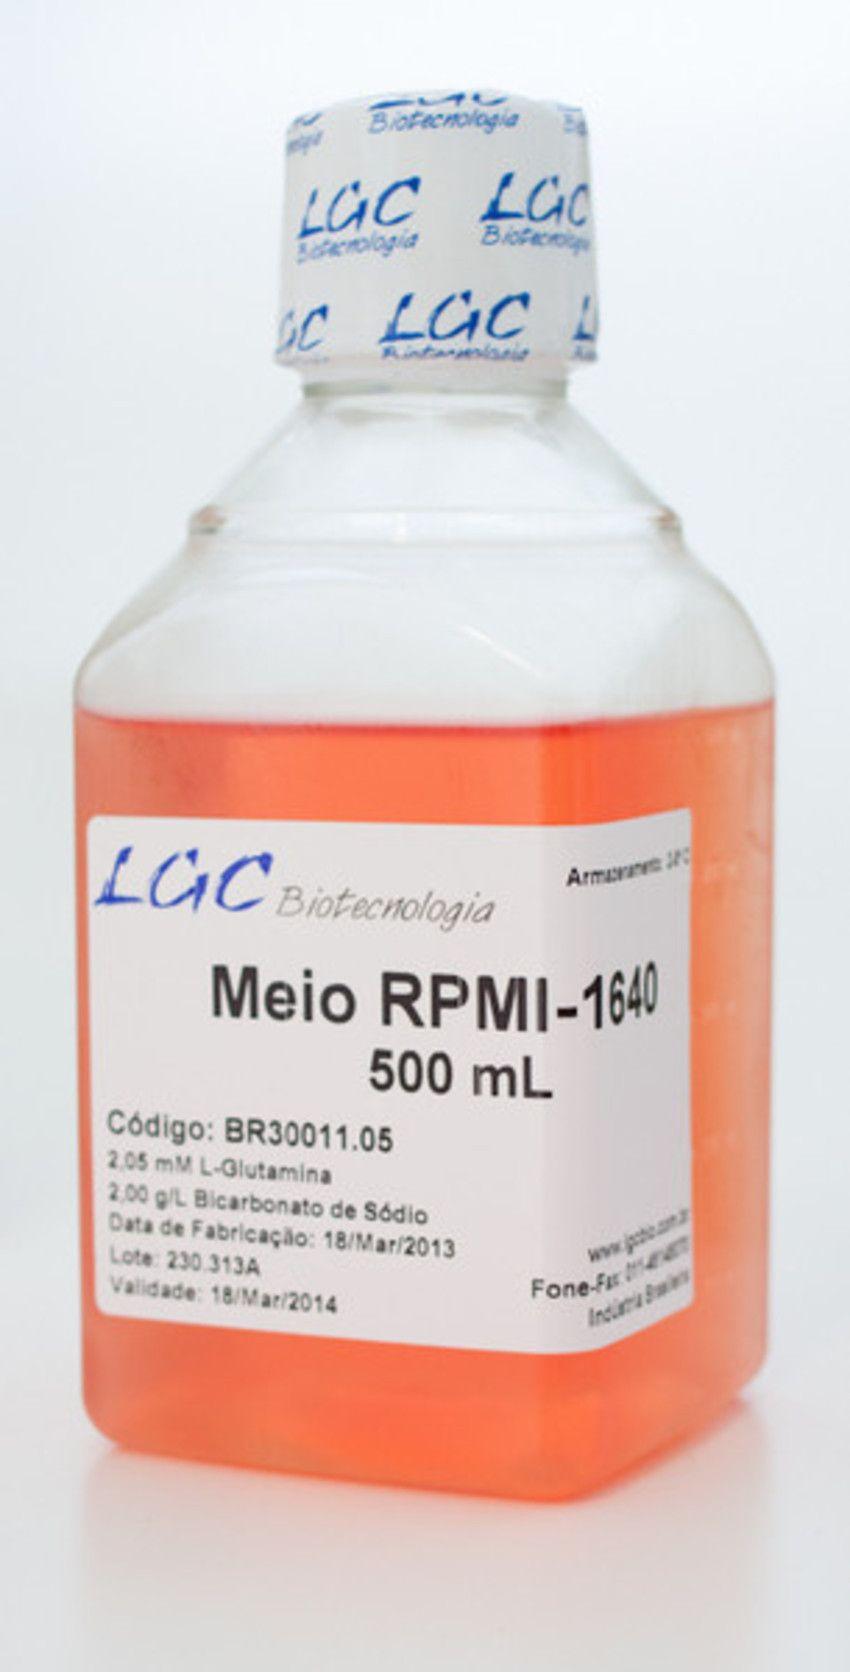 RPMI-1640 COM BICARBONATO DE SÓDIO E L-GLUTAMINA (2,05MM)